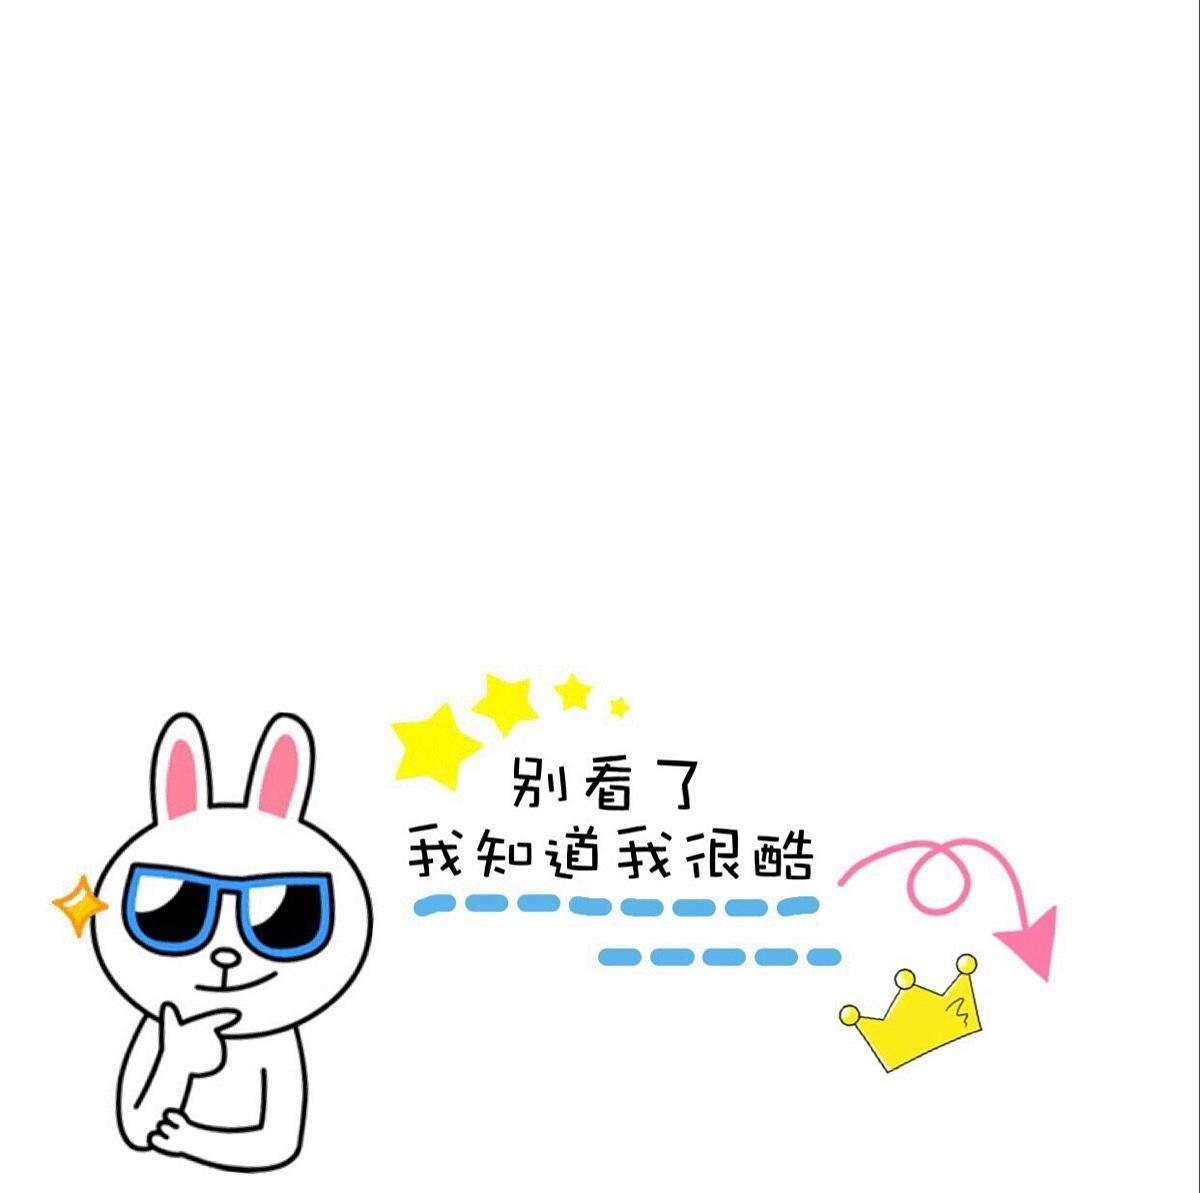 微信朋友圈封面�D片∑ 精�x大全